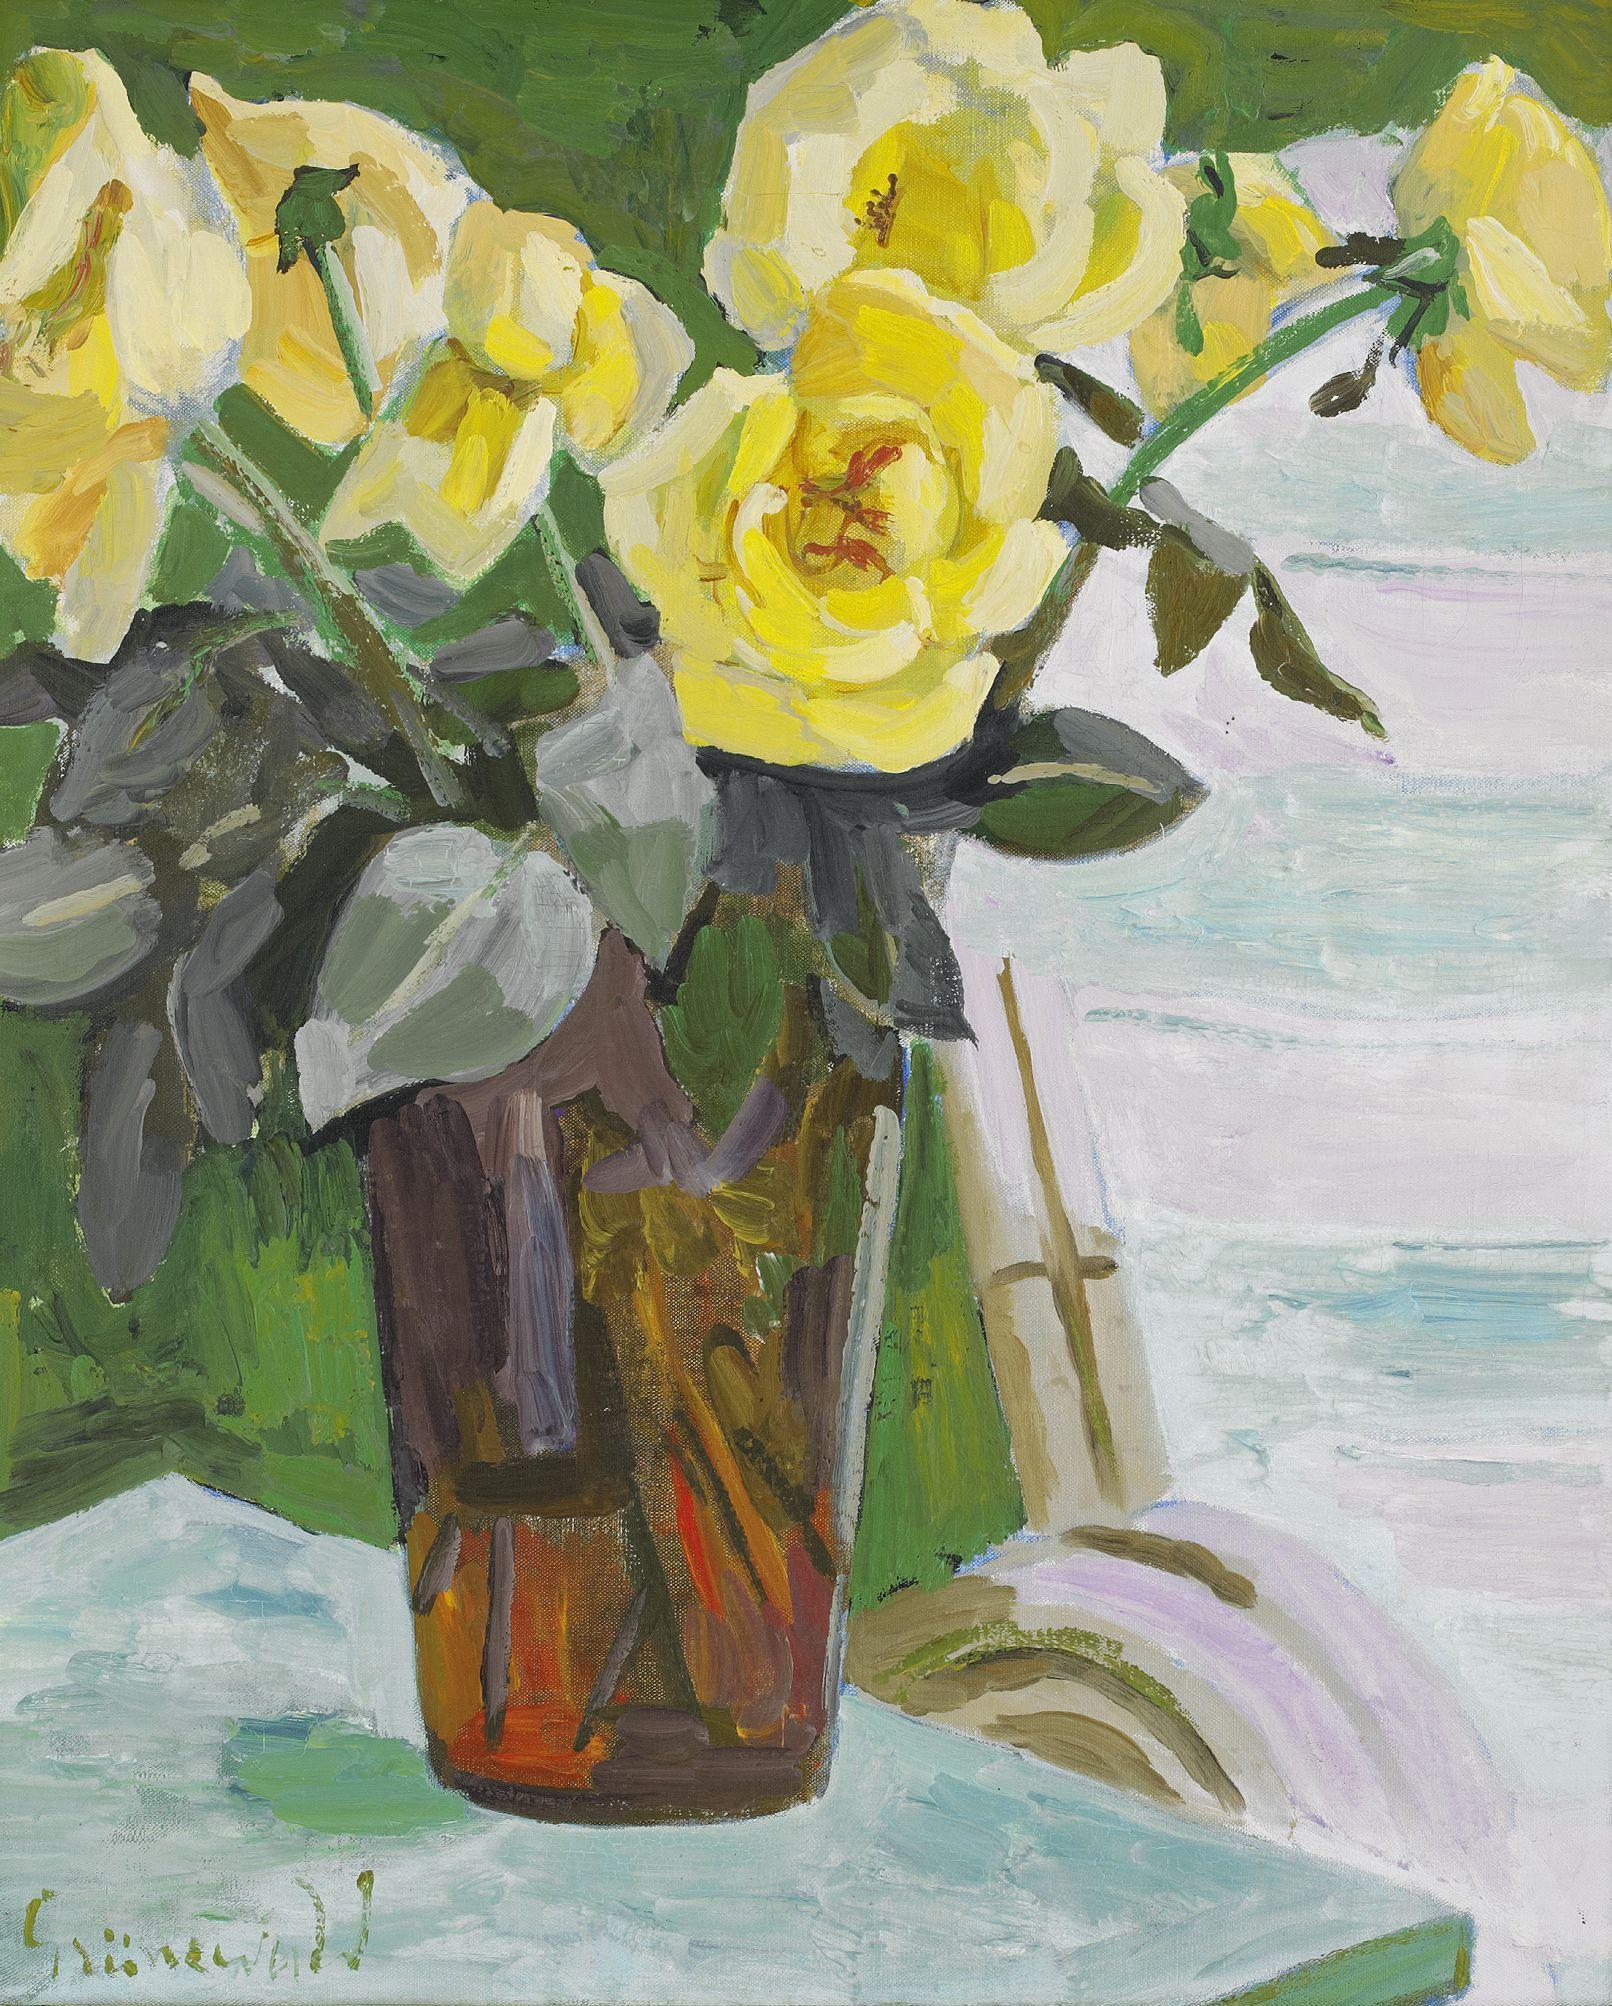 Stilleben med gula rosor Signerad Grünewald. Olja på duk, 73 x 60 cm. Utförd 1939